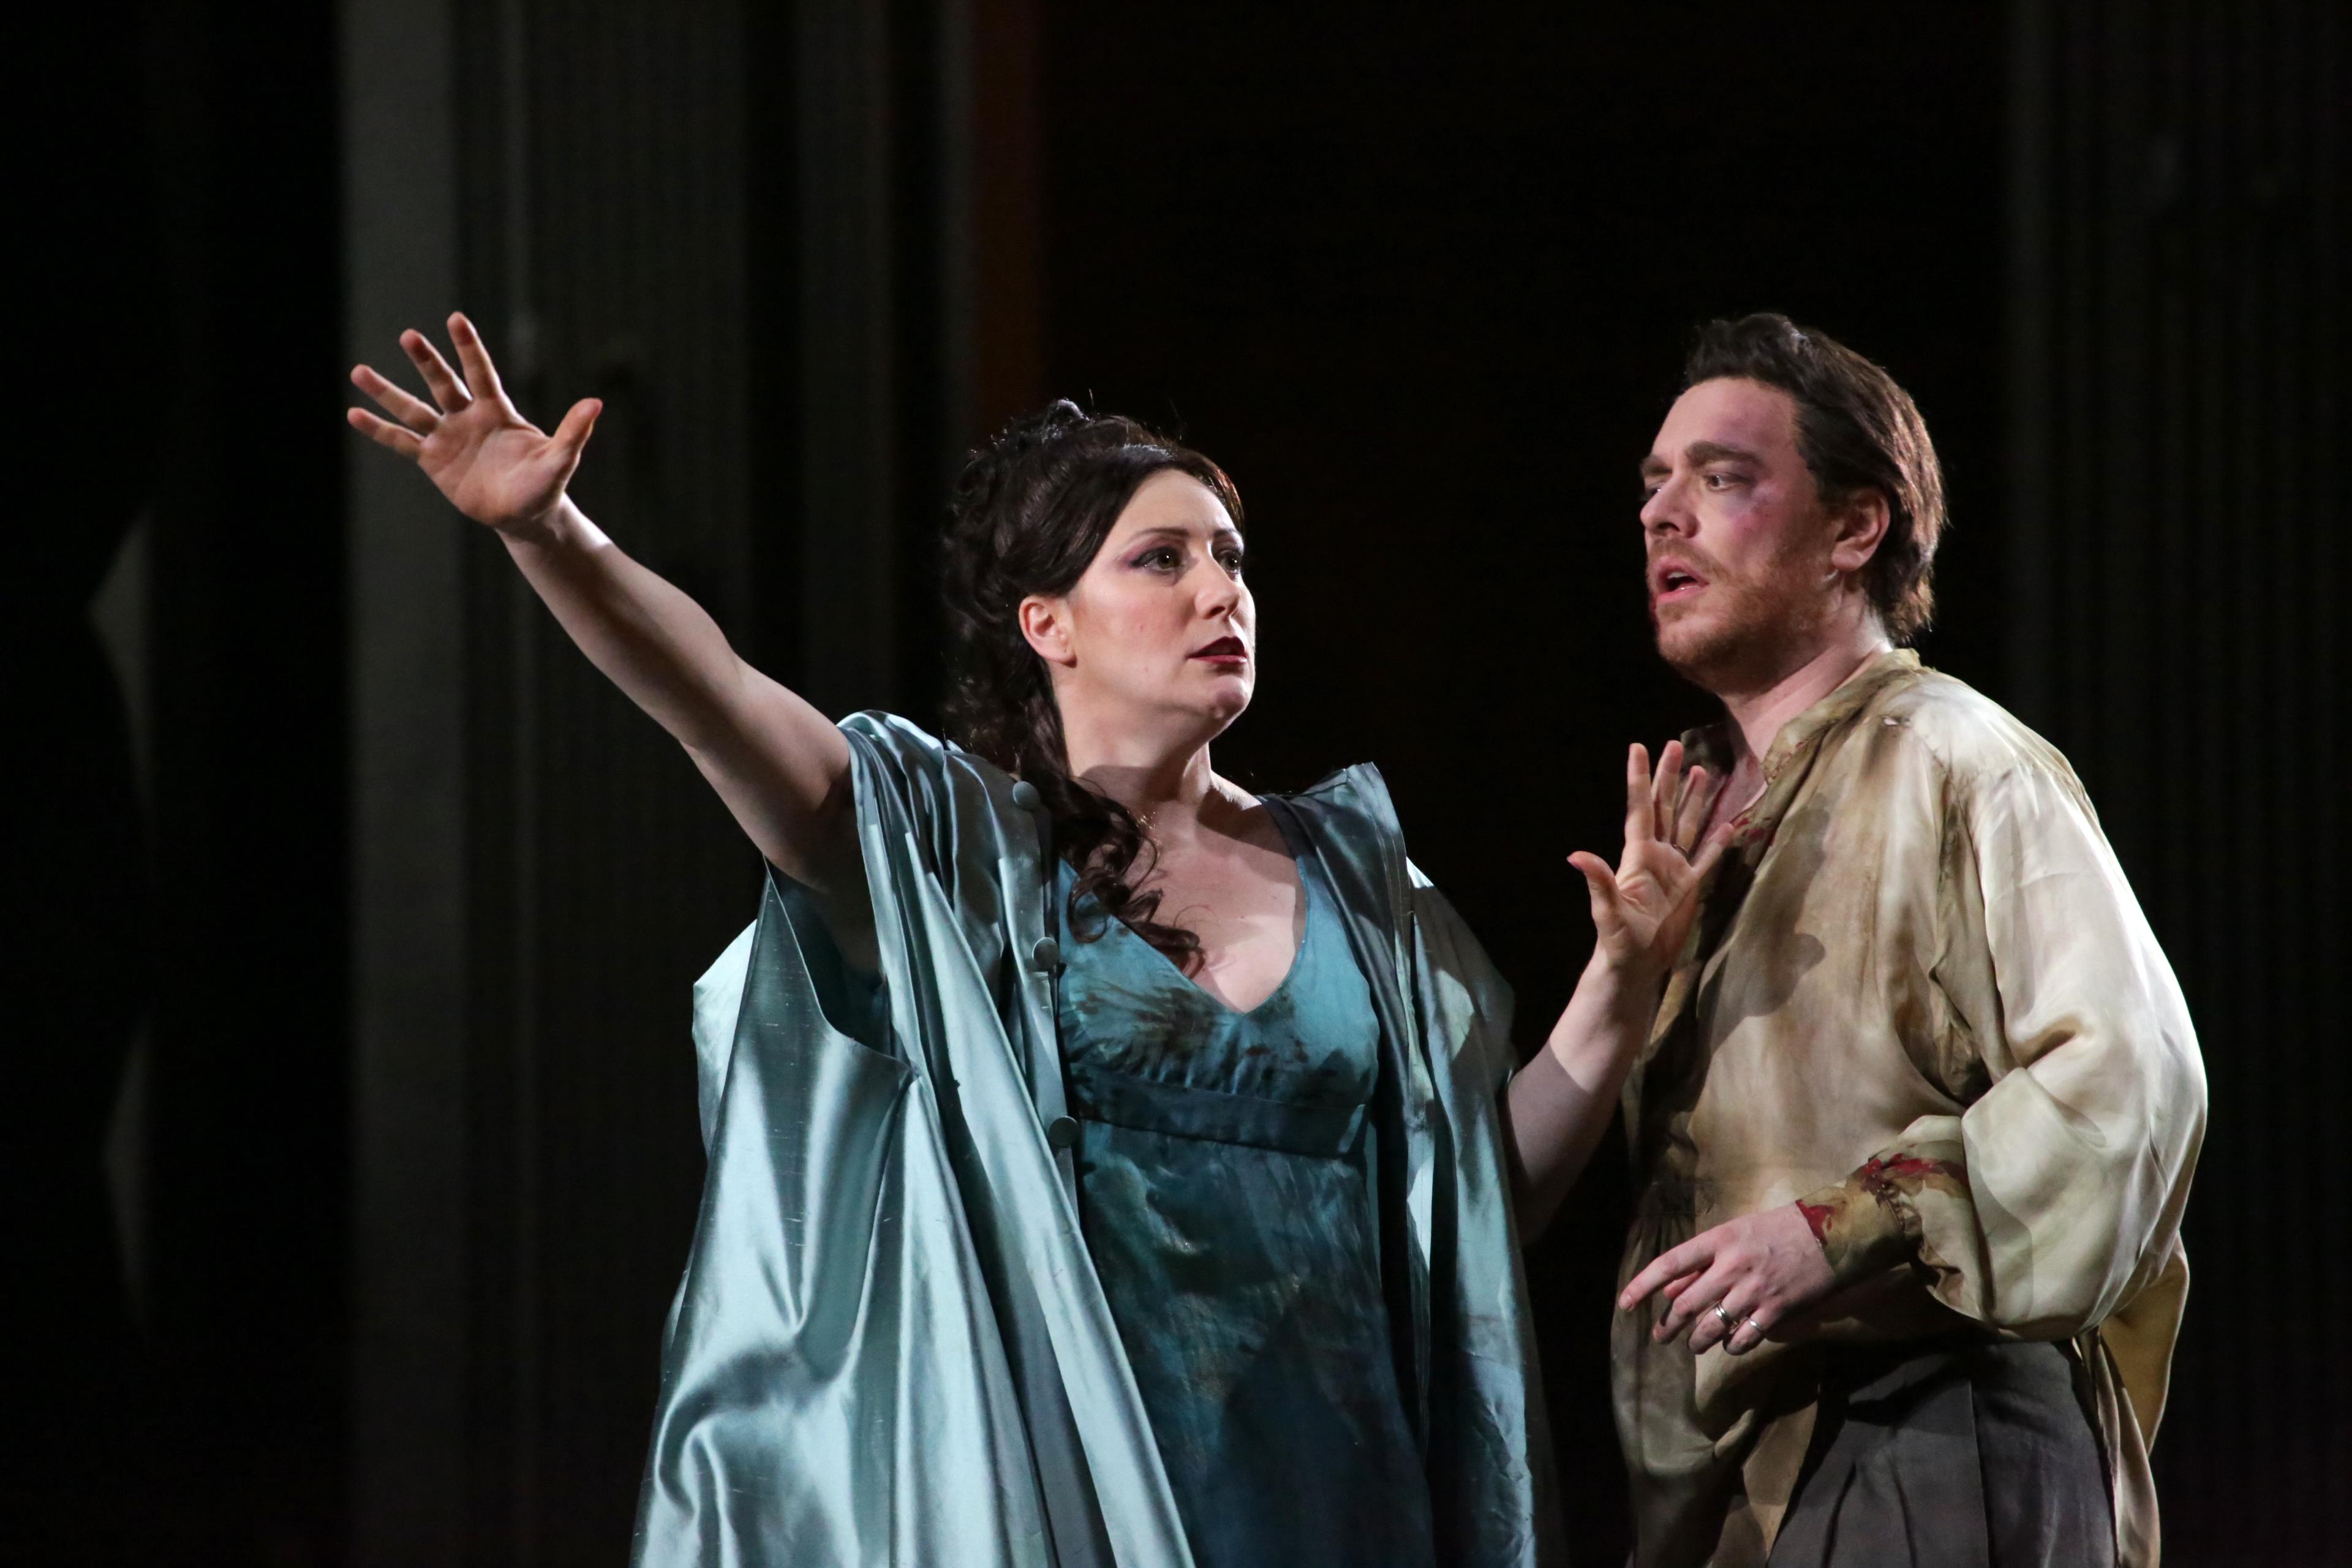 Tosca en la Scala. Foto: Brescia/Amisano Teatro alla Scala